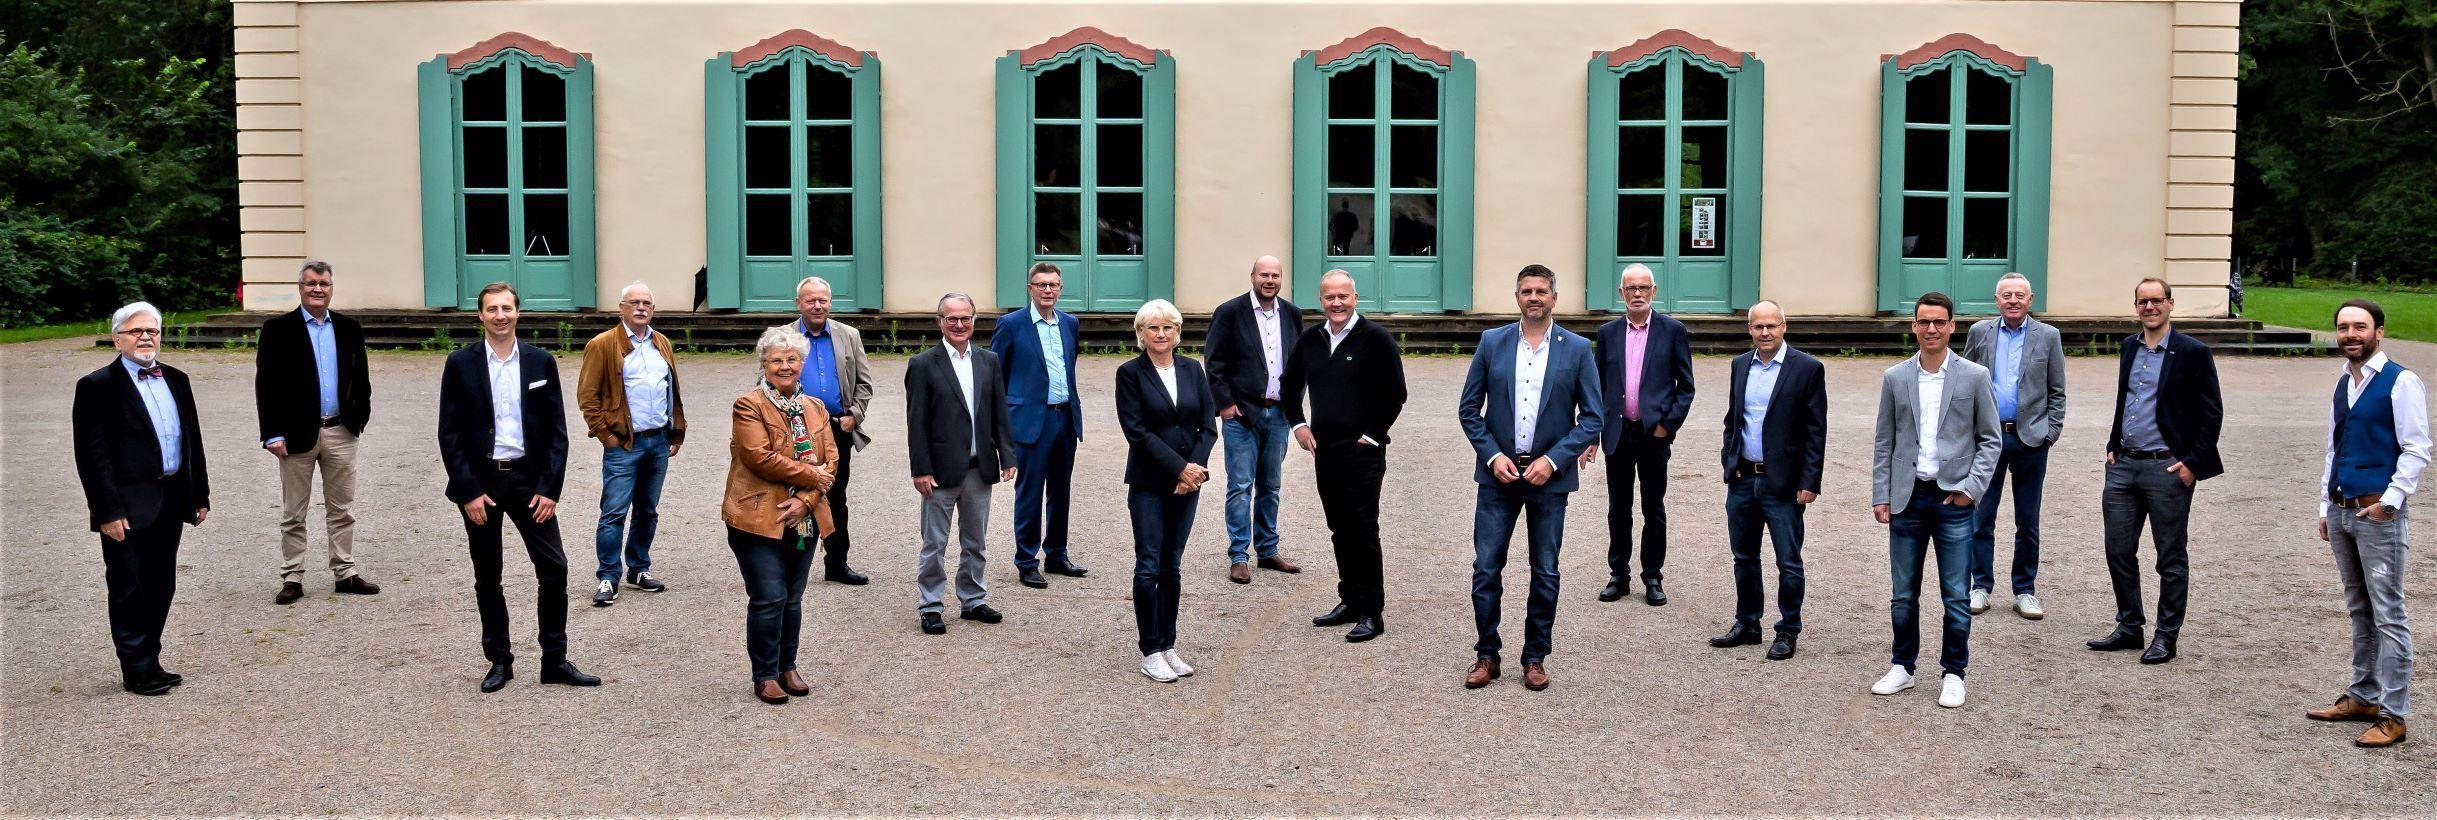 Herzlich Willkommen - Willkommen! | CDU Steinfurt